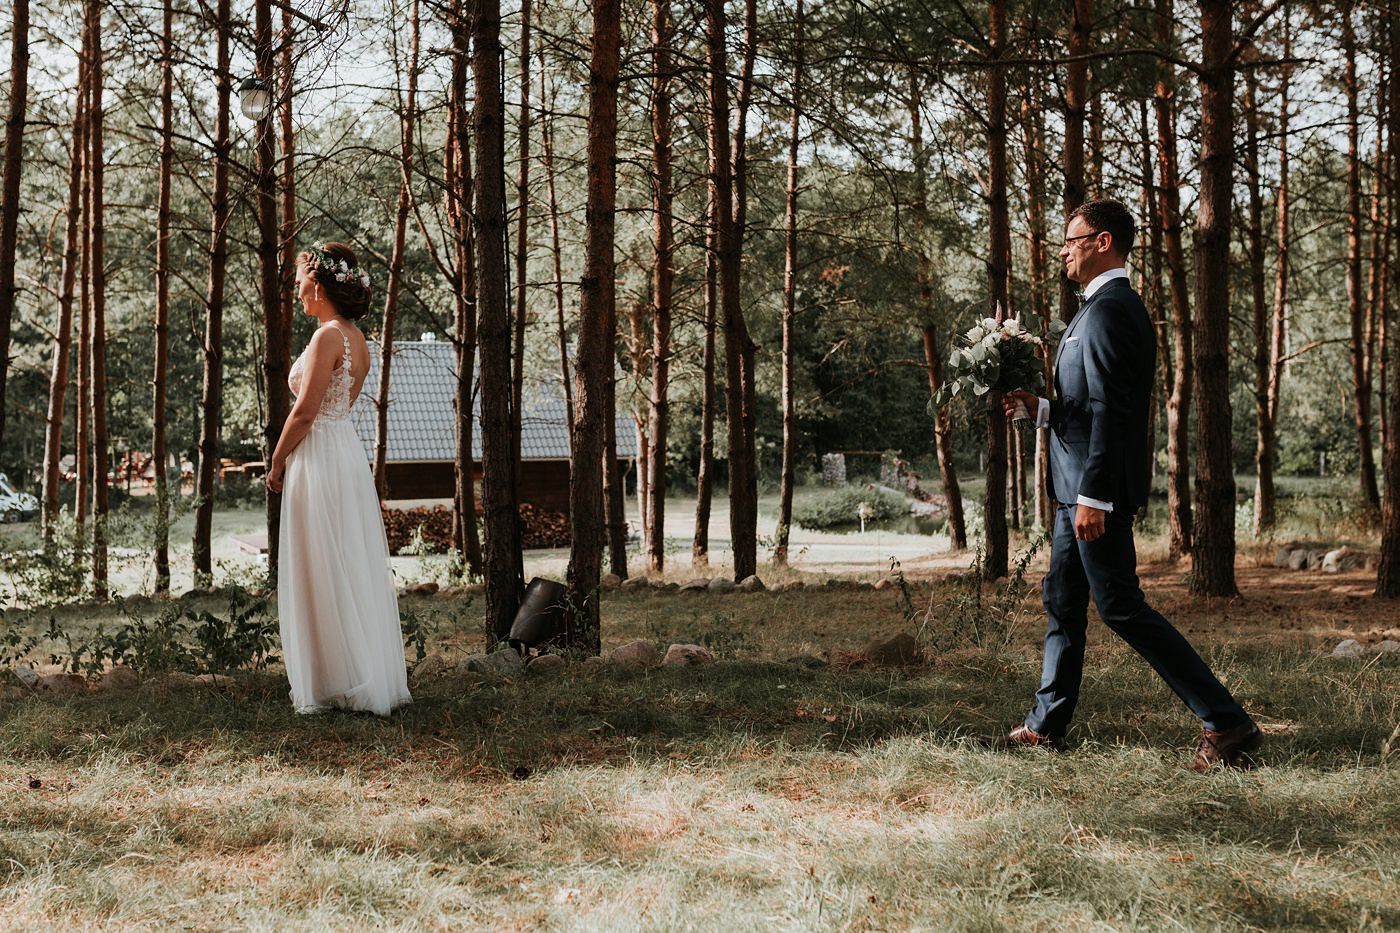 Anna & Wojtek - Ślub cywilny w plenerze - Barnówko w Sam Las 42